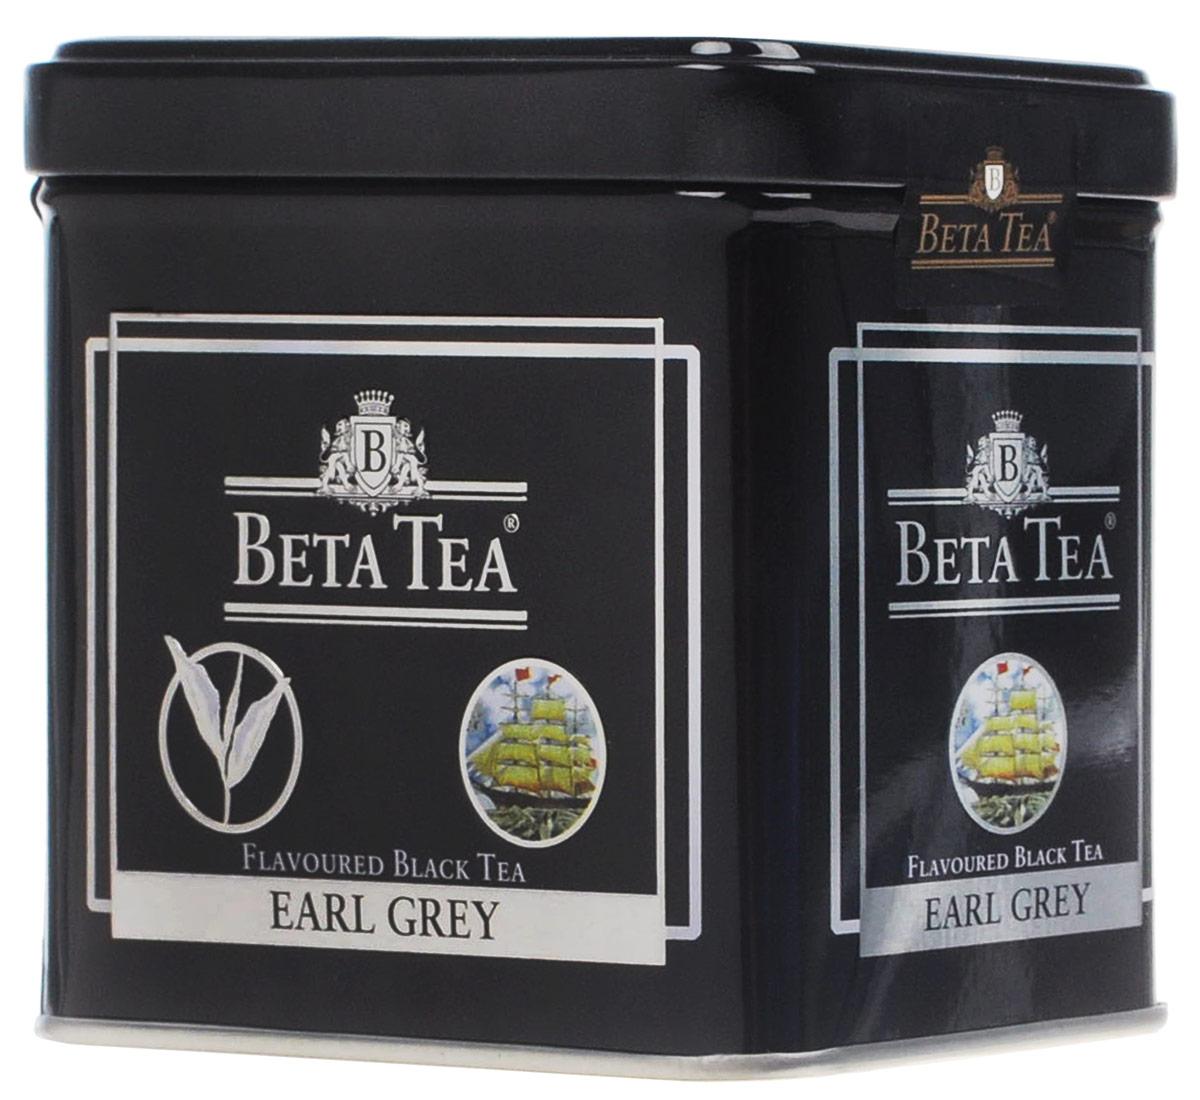 Beta Tea Earl Grey черный листовой чай, 100 г (жестяная банка)101246Создатель этого чая - английский дипломат Чарльз Грей, который первым придумал его оригинальную рецептуру. Будучи в Китае, он смешал чай из районов Дарджелинг Кемун с бергамотом и получил новый неповторимый аромат. С тех пор этот напиток носит его имя и пользуется большой популярностью во всем мире.